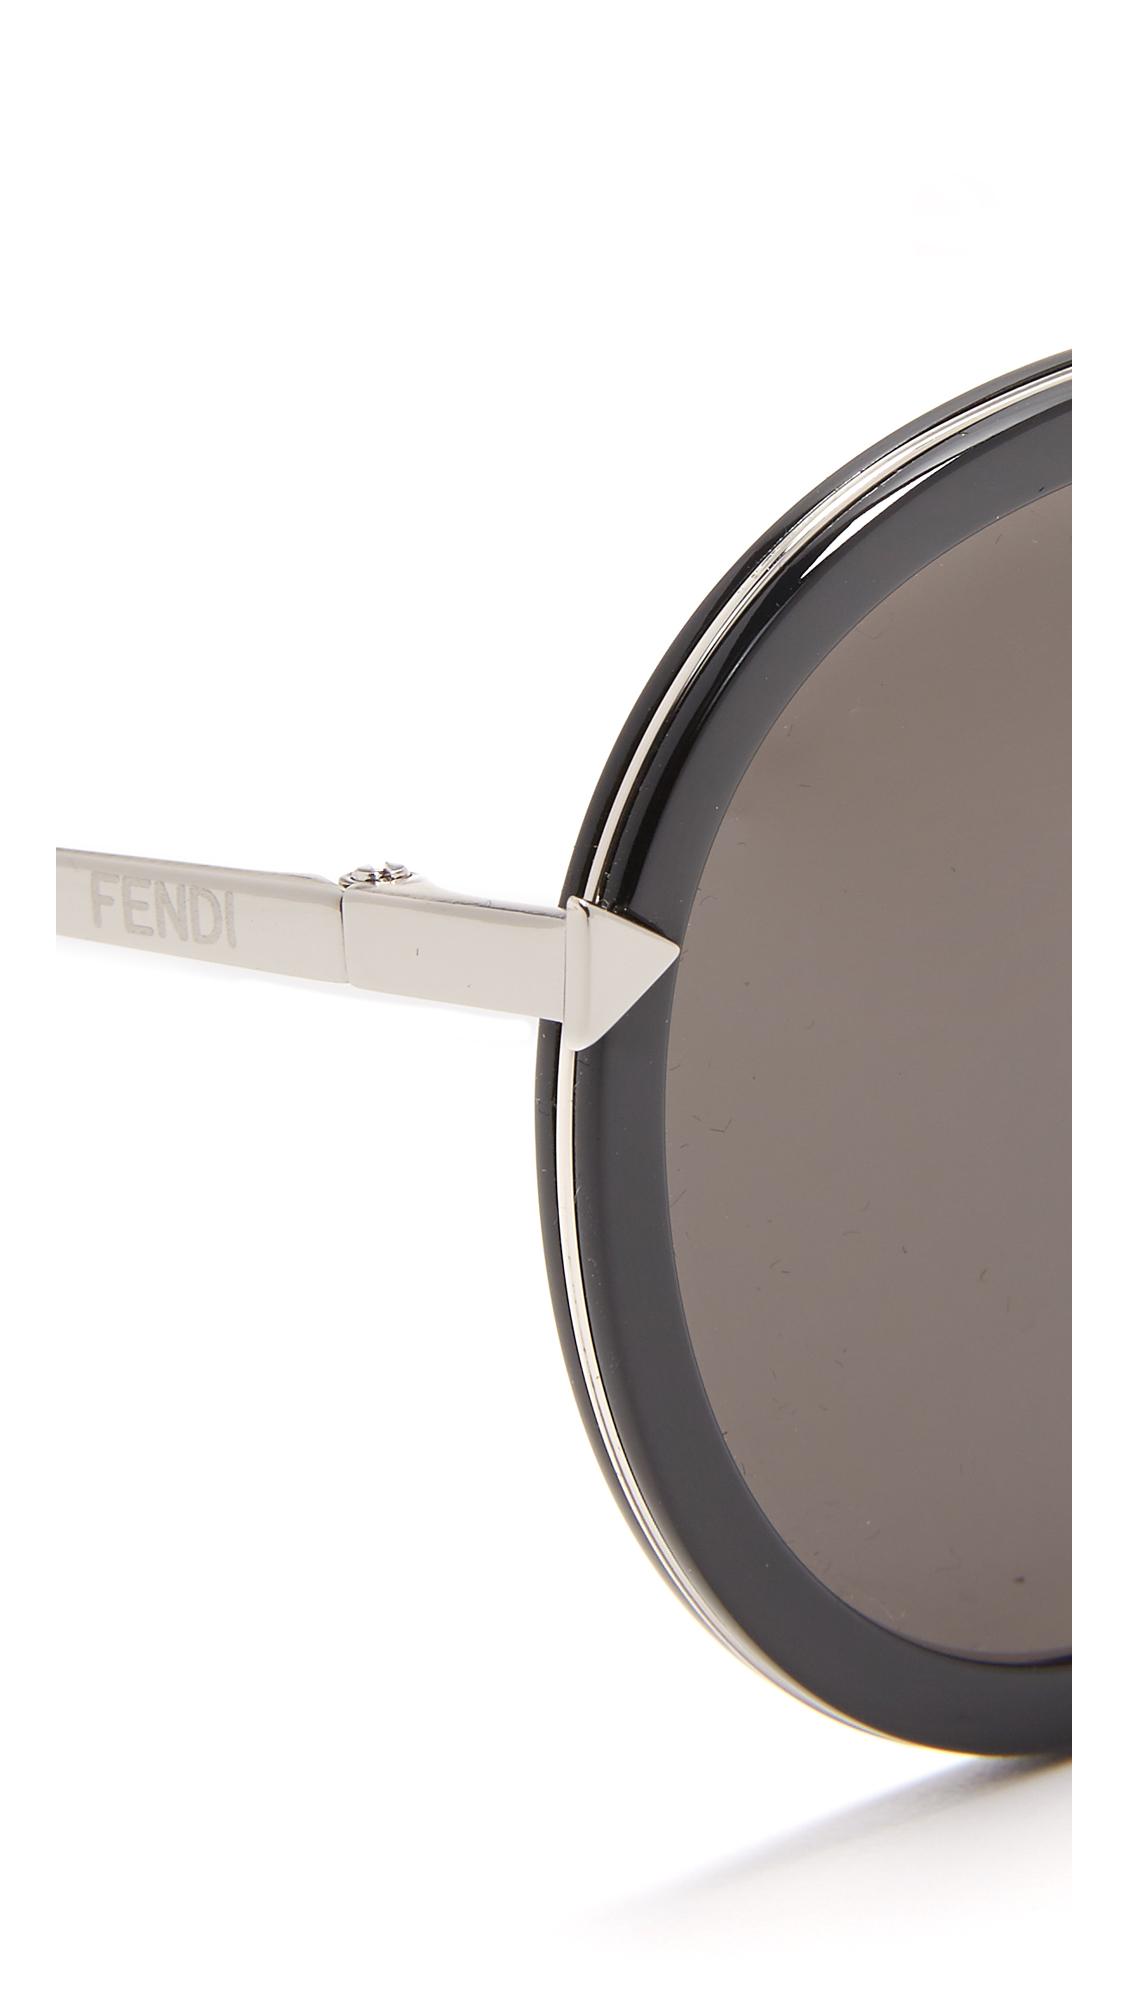 08e5fe1fb5a7 Fendi Funky Angle Round Sunglasses